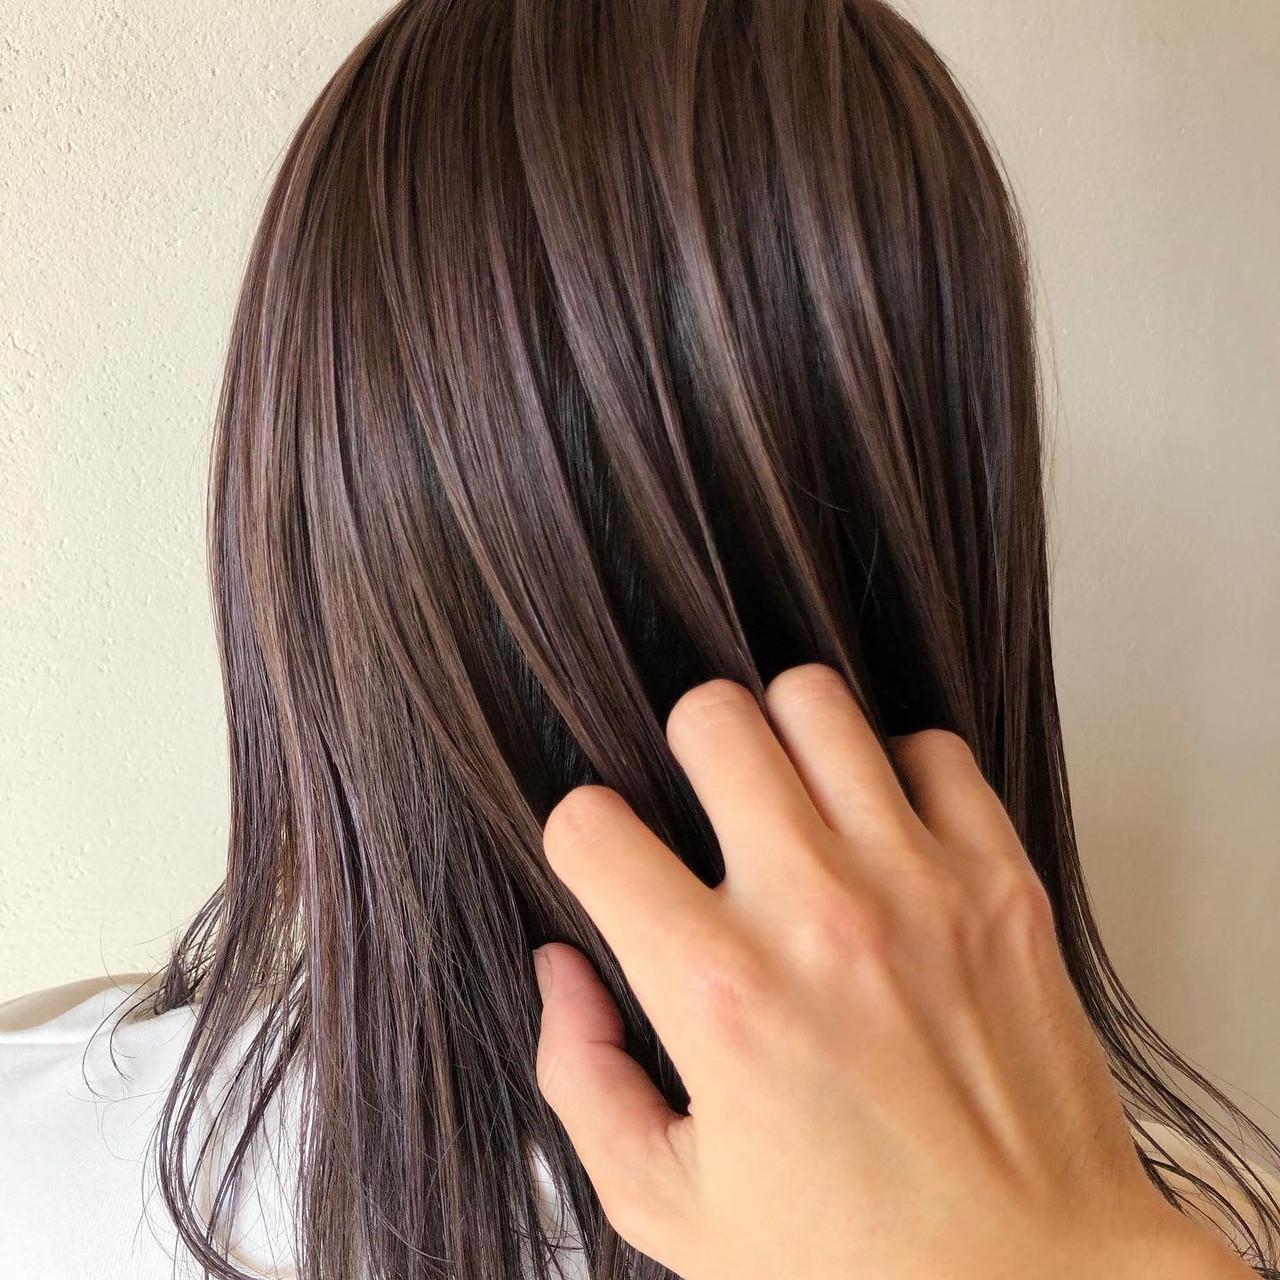 ハイライト 地毛ハイライト 大人ハイライト セミロングヘアスタイルや髪型の写真・画像